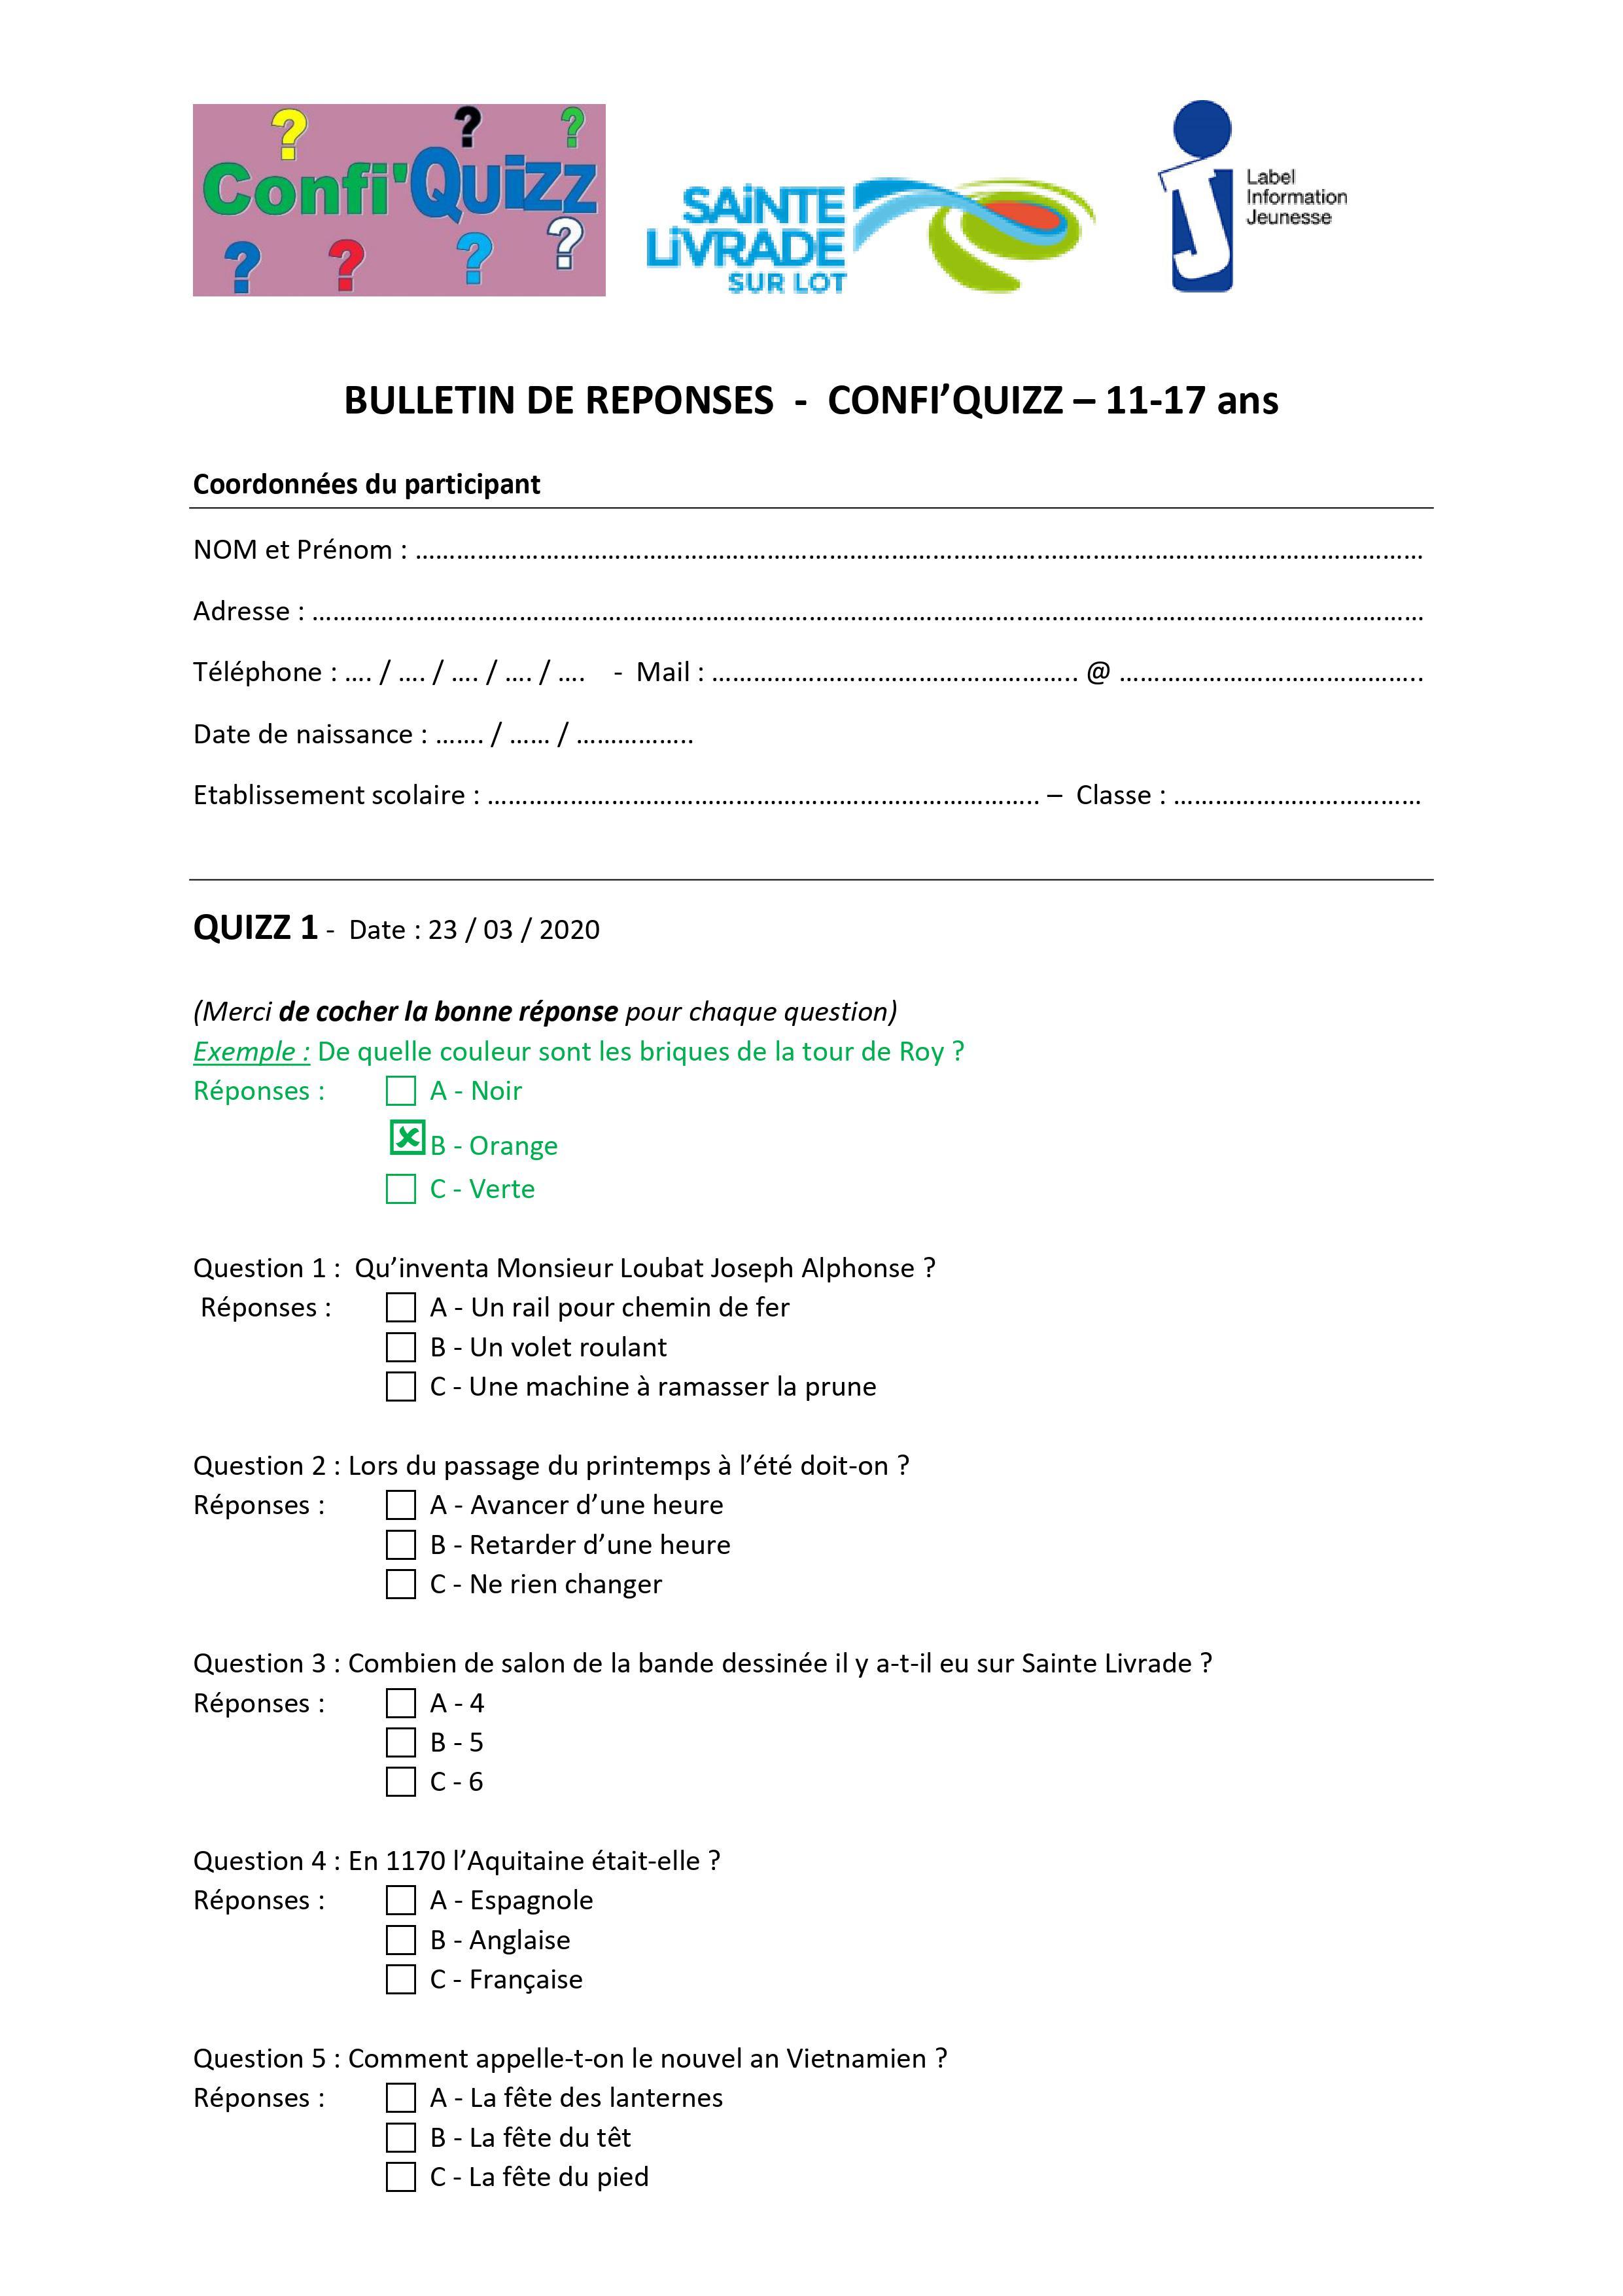 Bulletin réponses QUIZZ 1 - 1117